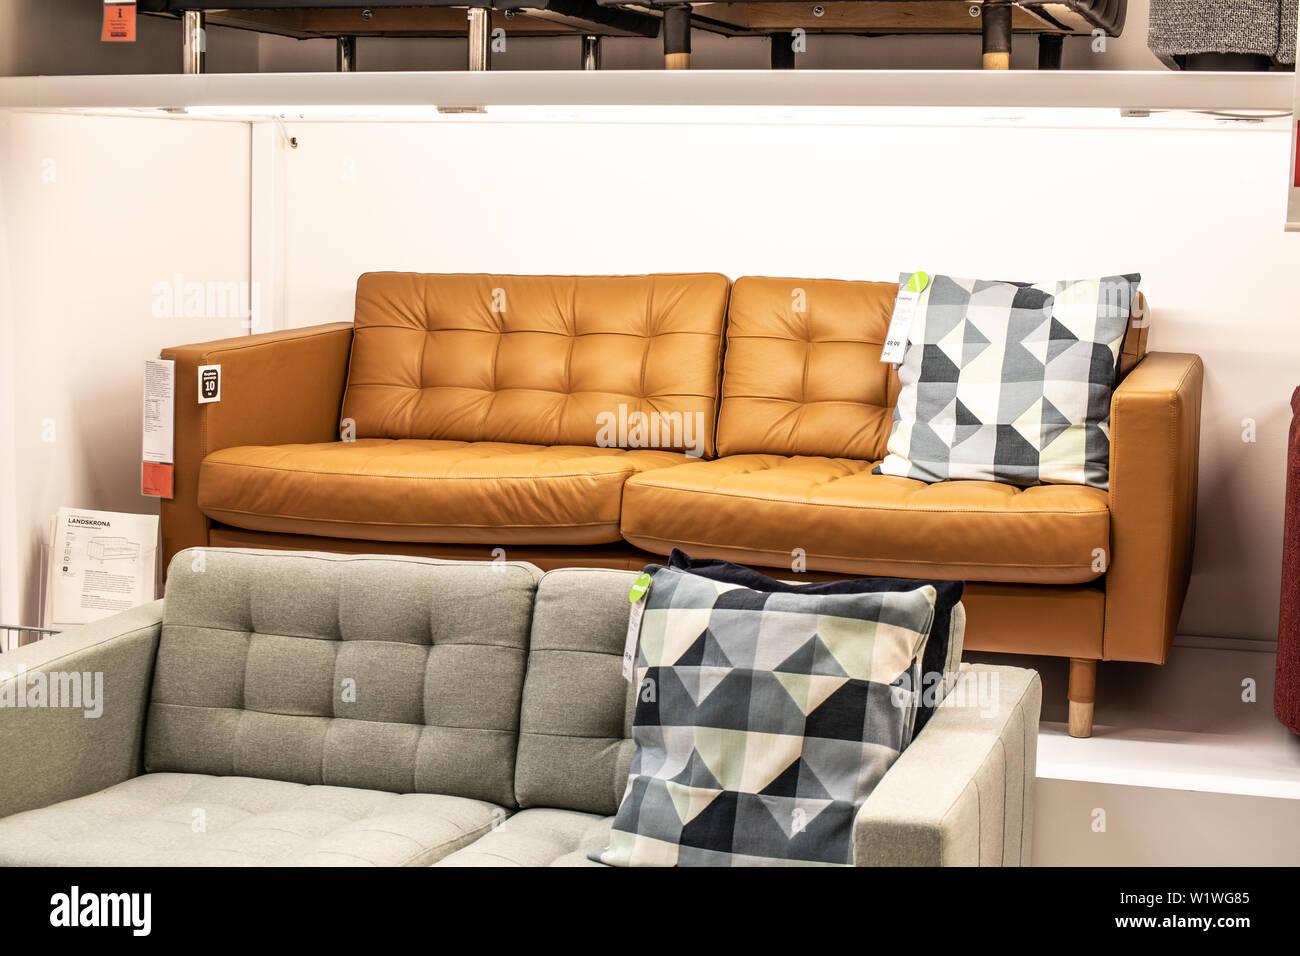 Con il copridivano ikea, puoi coprire il tuo divano e ripararlo con fantasie sempre diverse e attuali, facendo diventare il tuo divano come nuovo. Fabric Sofas High Resolution Stock Photography And Images Alamy